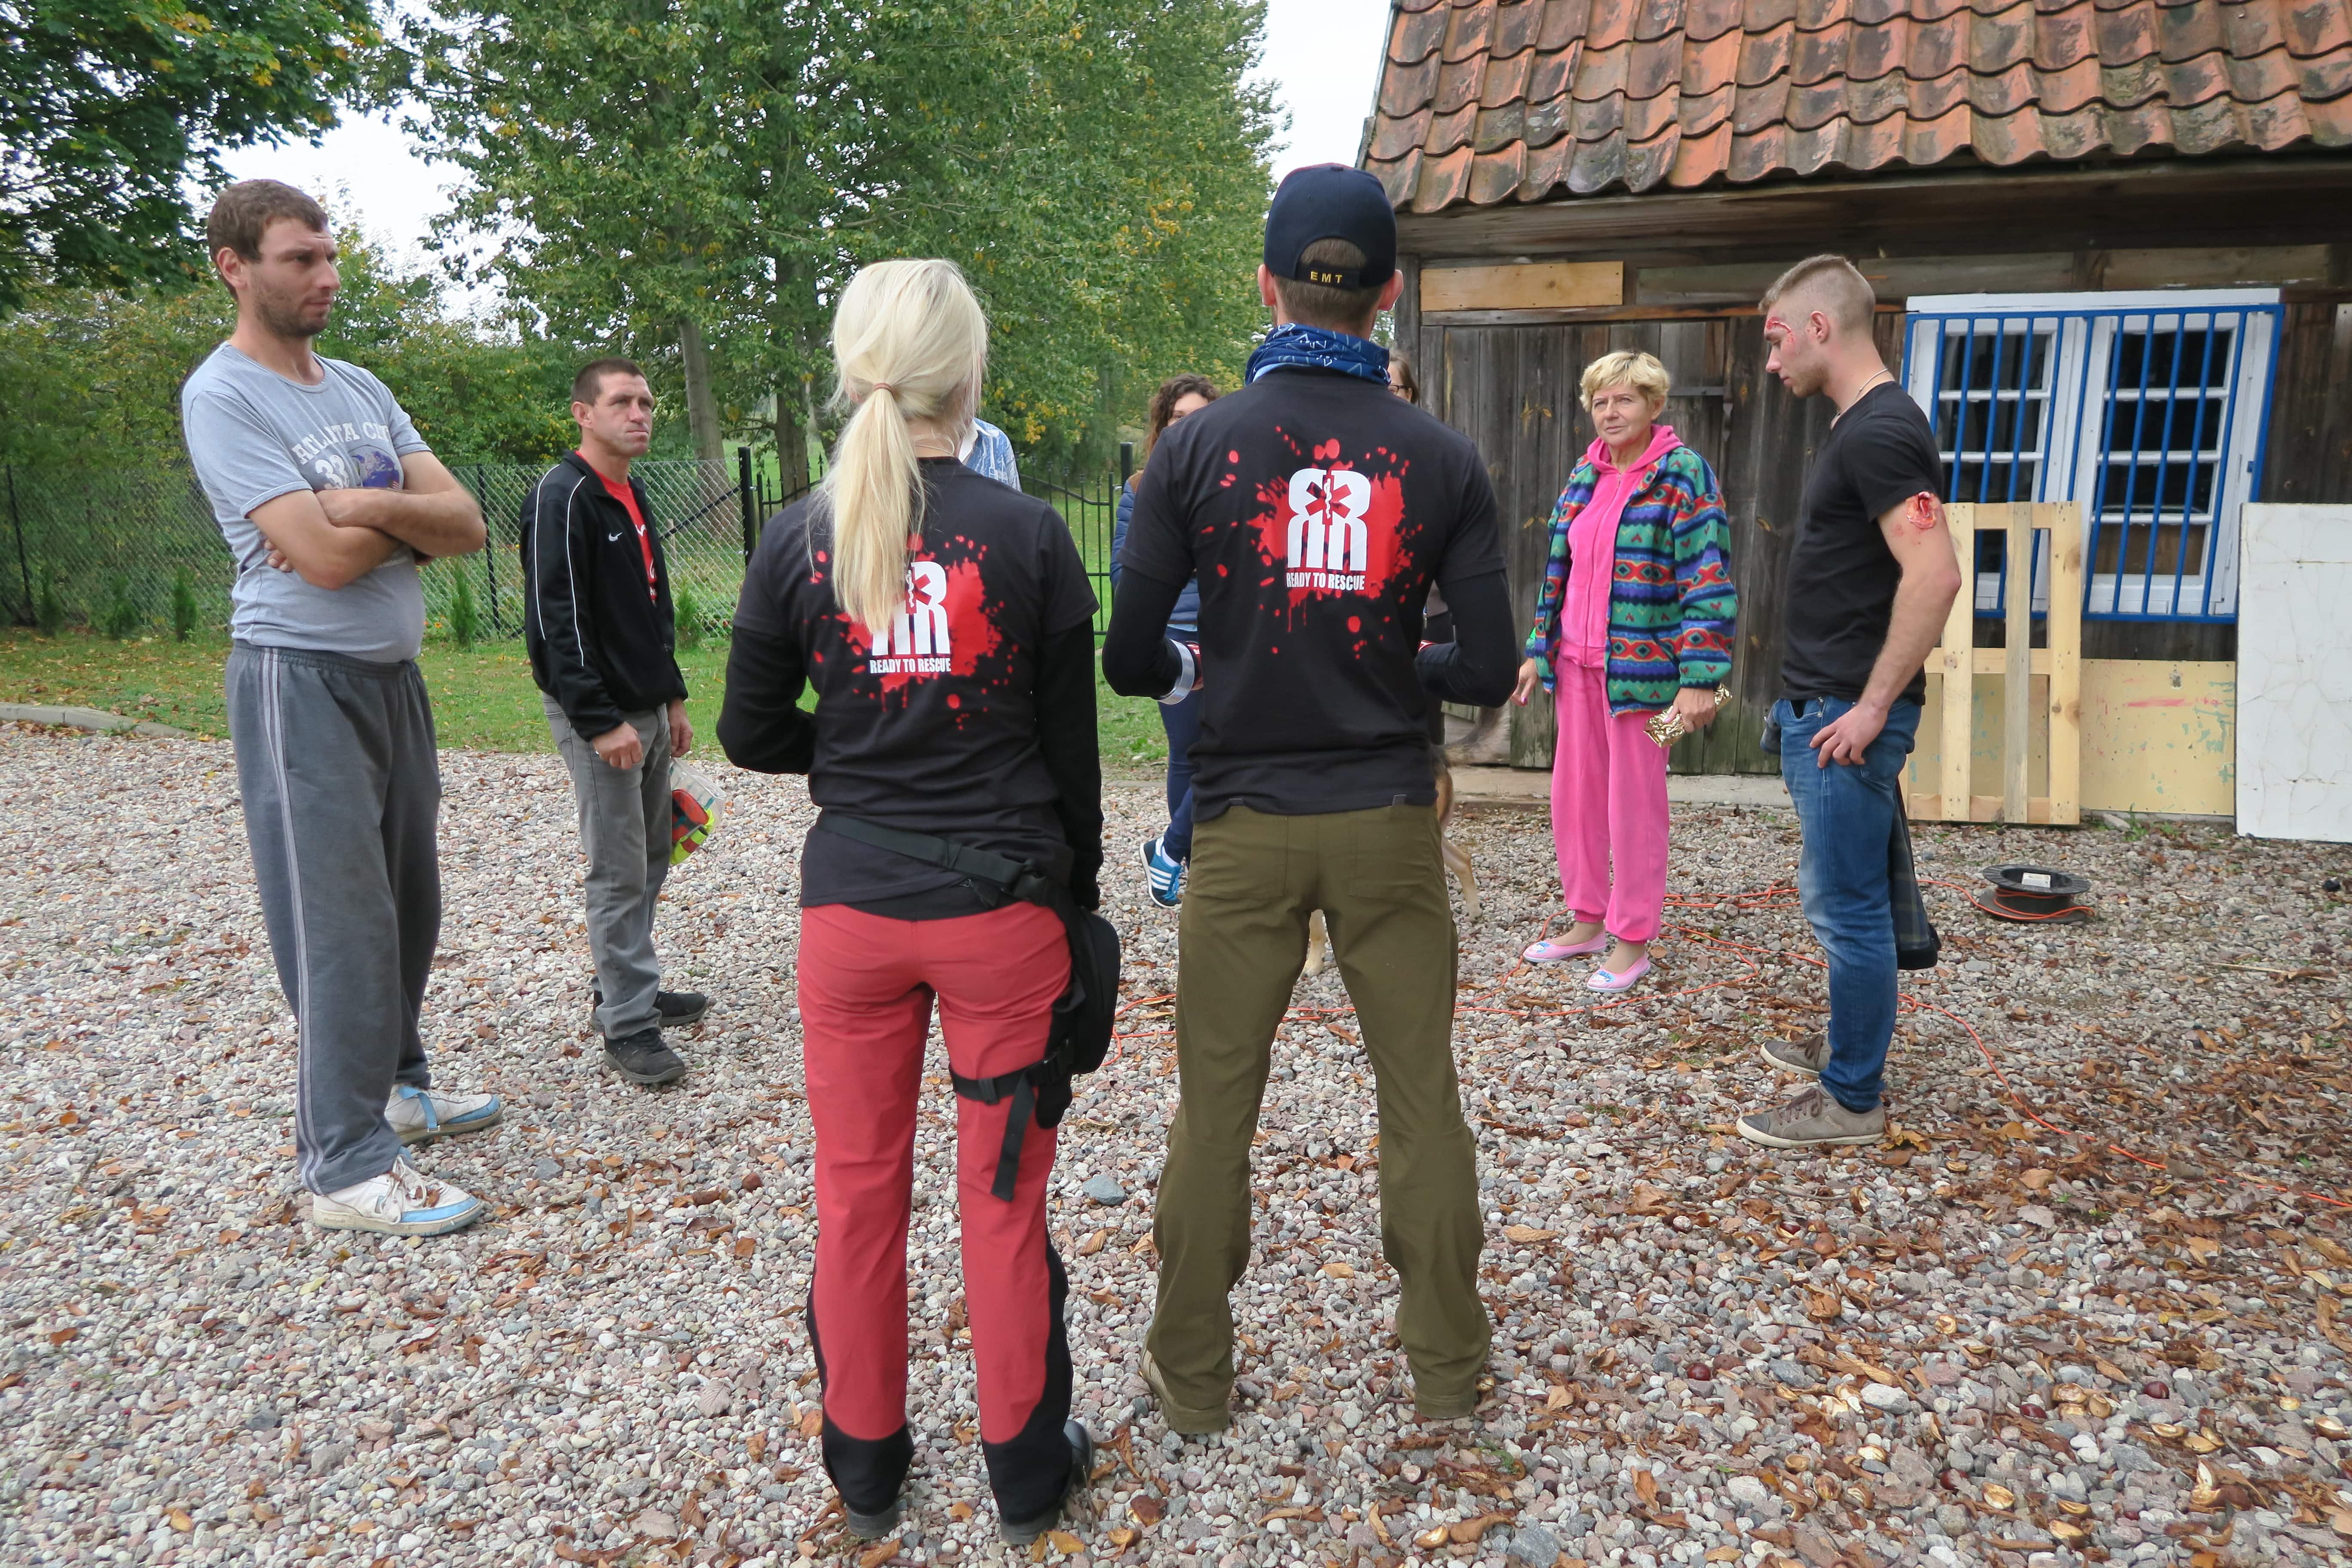 21.szkolenie z pierwszej pomocy dla osób starszych, Ready2Rescue Team